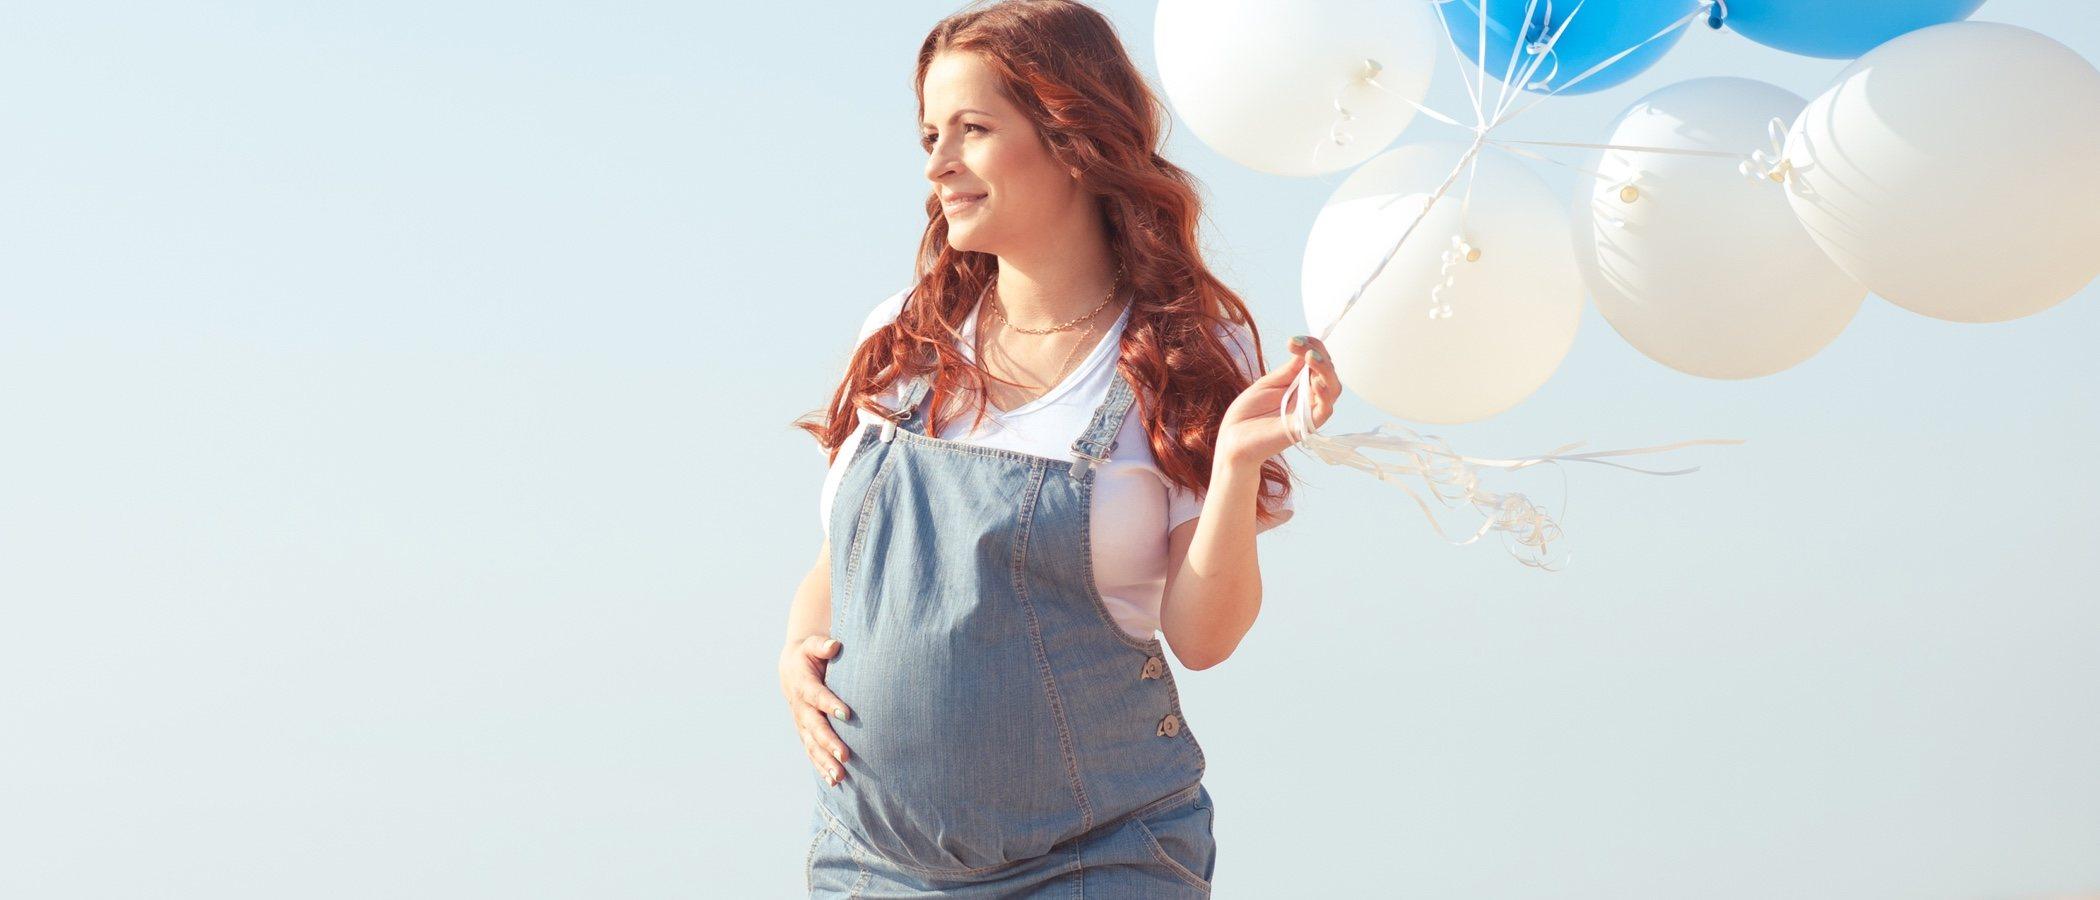 Cómo vestirse si estás embarazada en verano